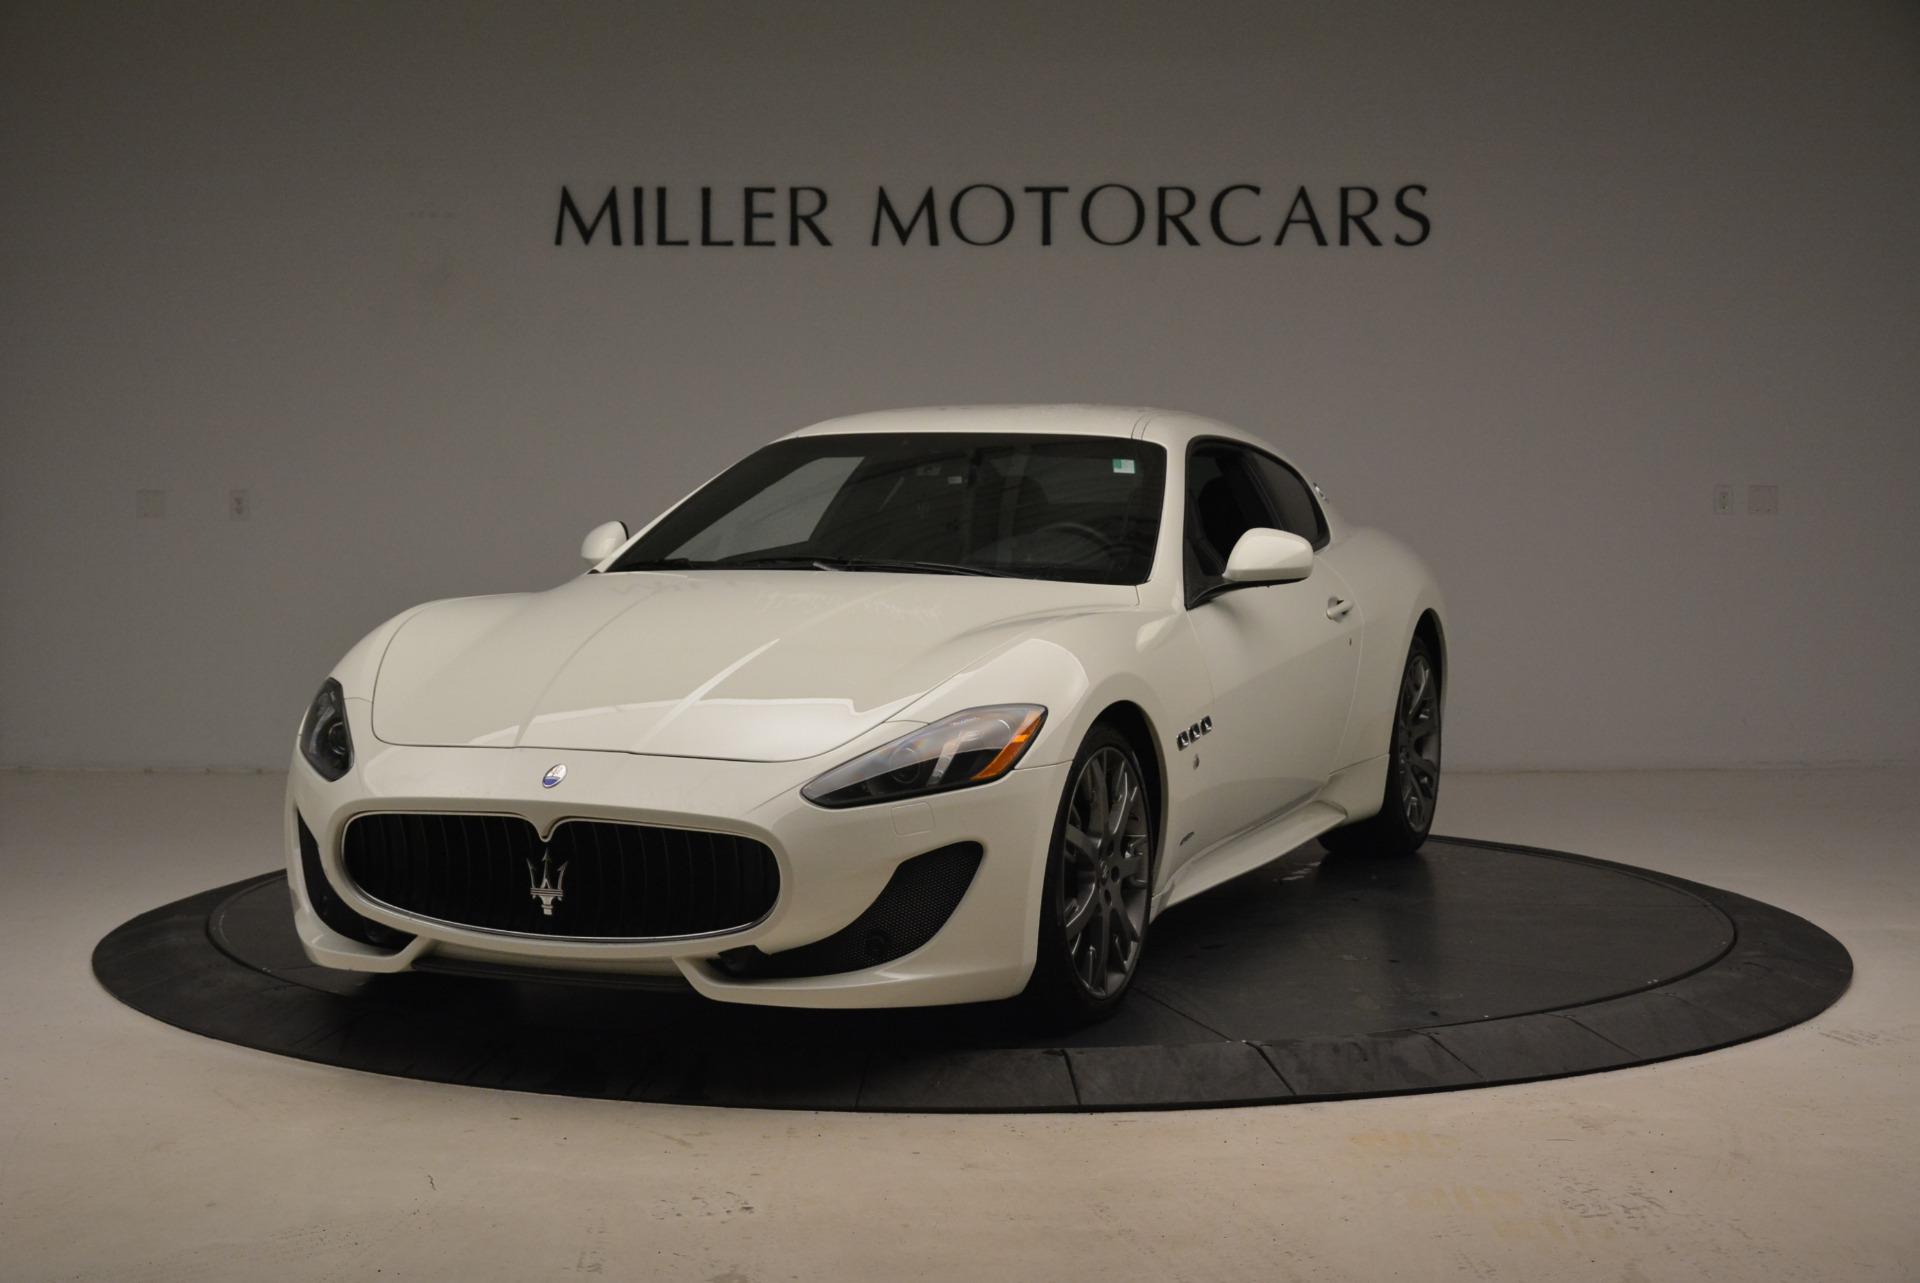 Used 2016 Maserati GranTurismo Sport for sale $61,900 at Aston Martin of Greenwich in Greenwich CT 06830 1